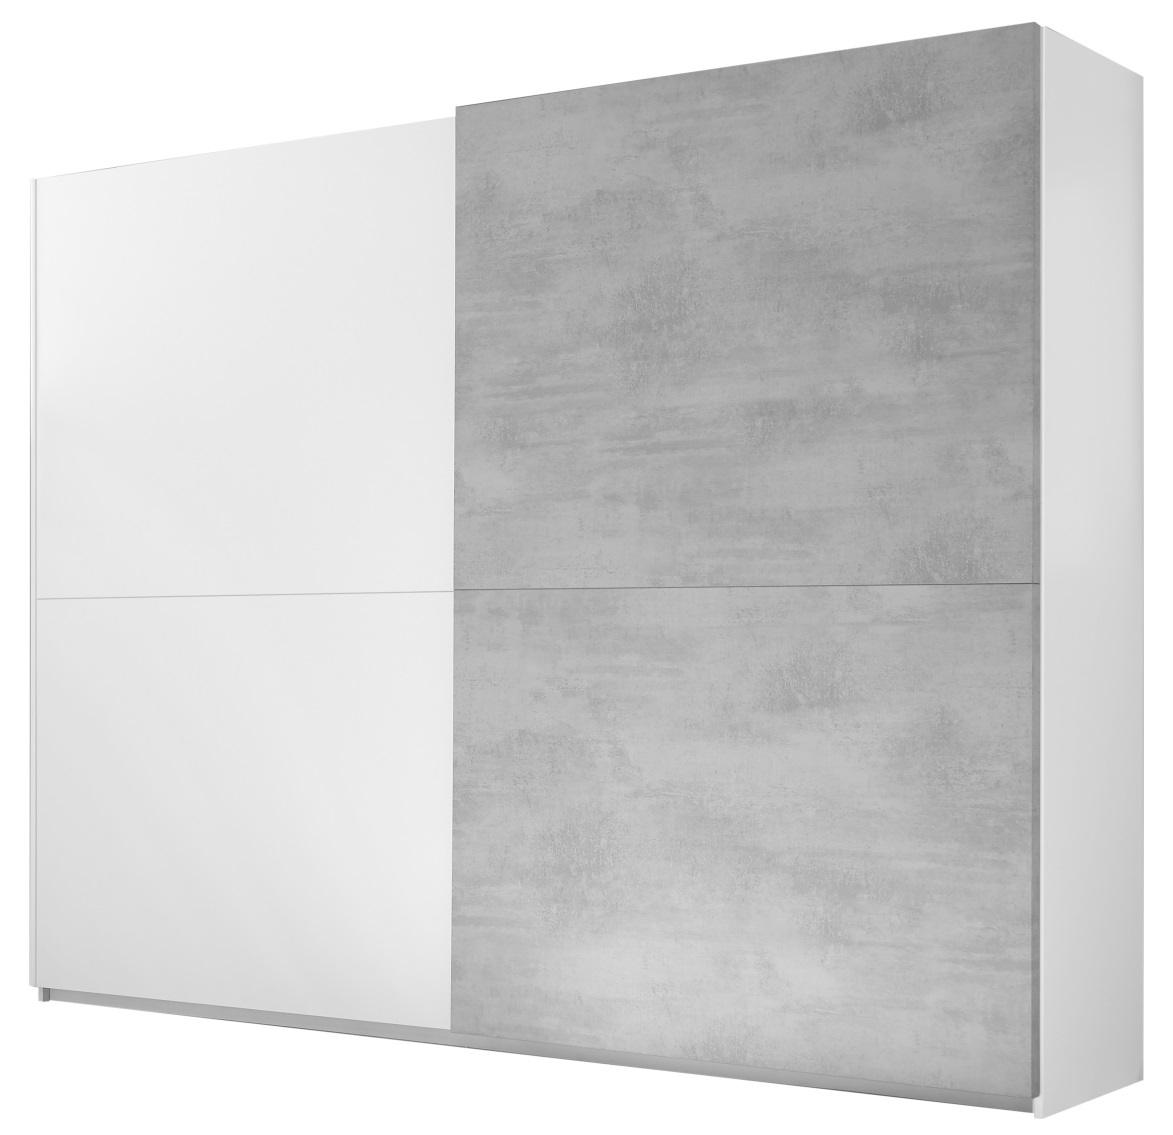 Schuifdeurkast Amalti Full 275 cm breed in mat wit met grijs beton